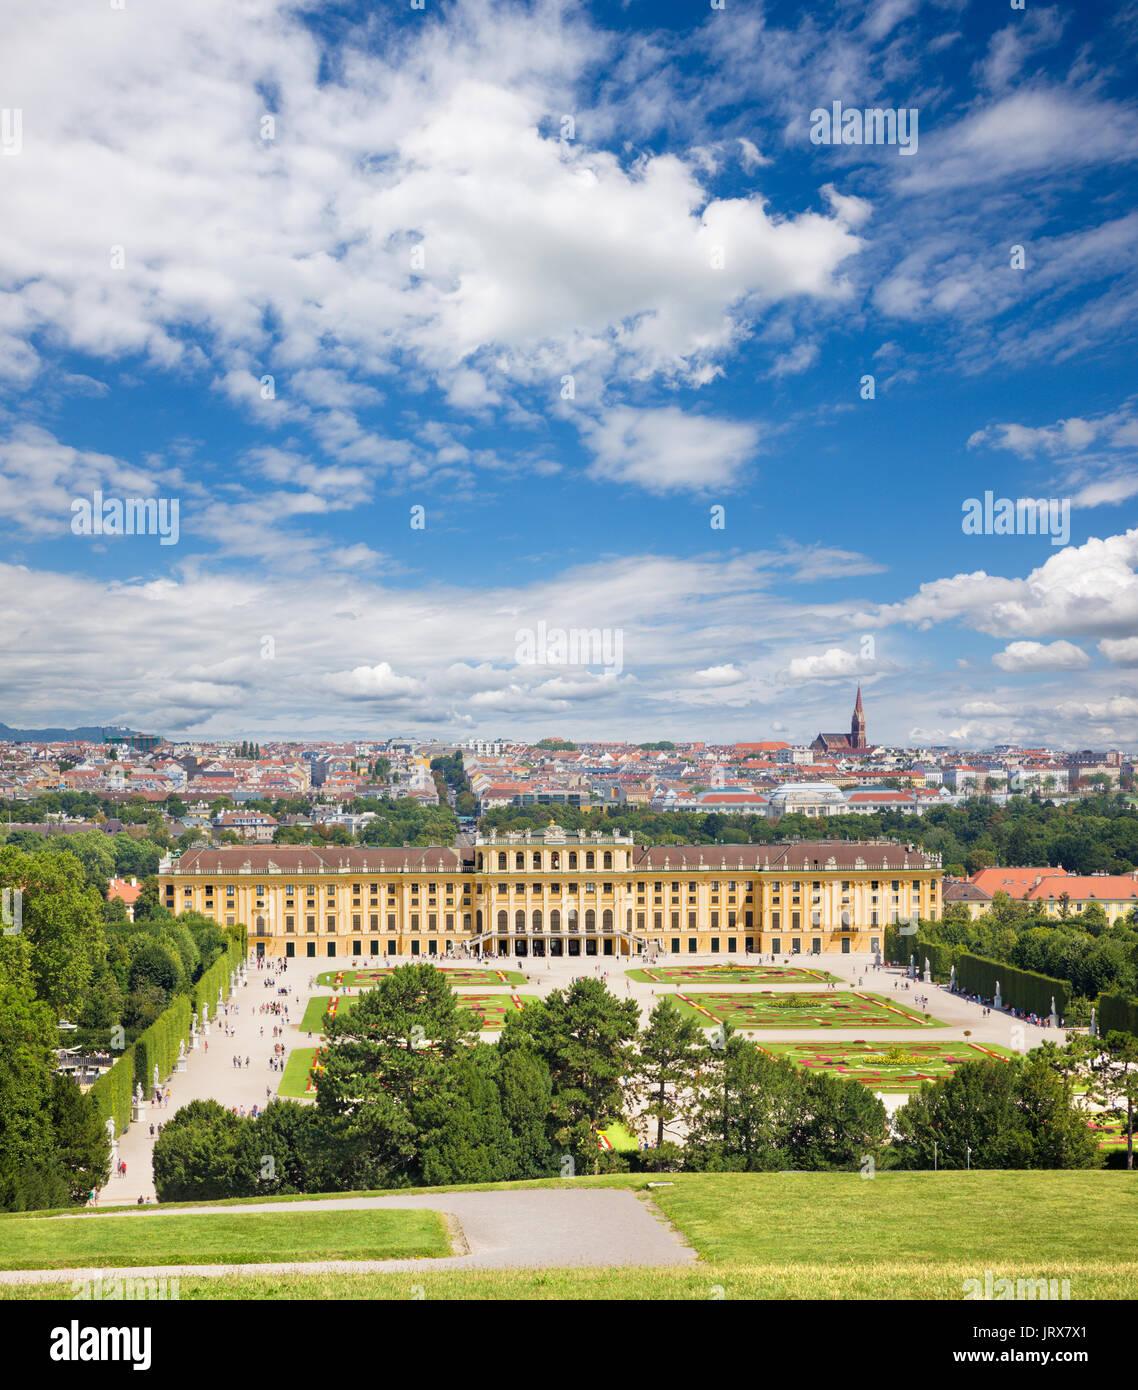 Viena - el palacio Schonbrunn y los jardines y el parque. Imagen De Stock